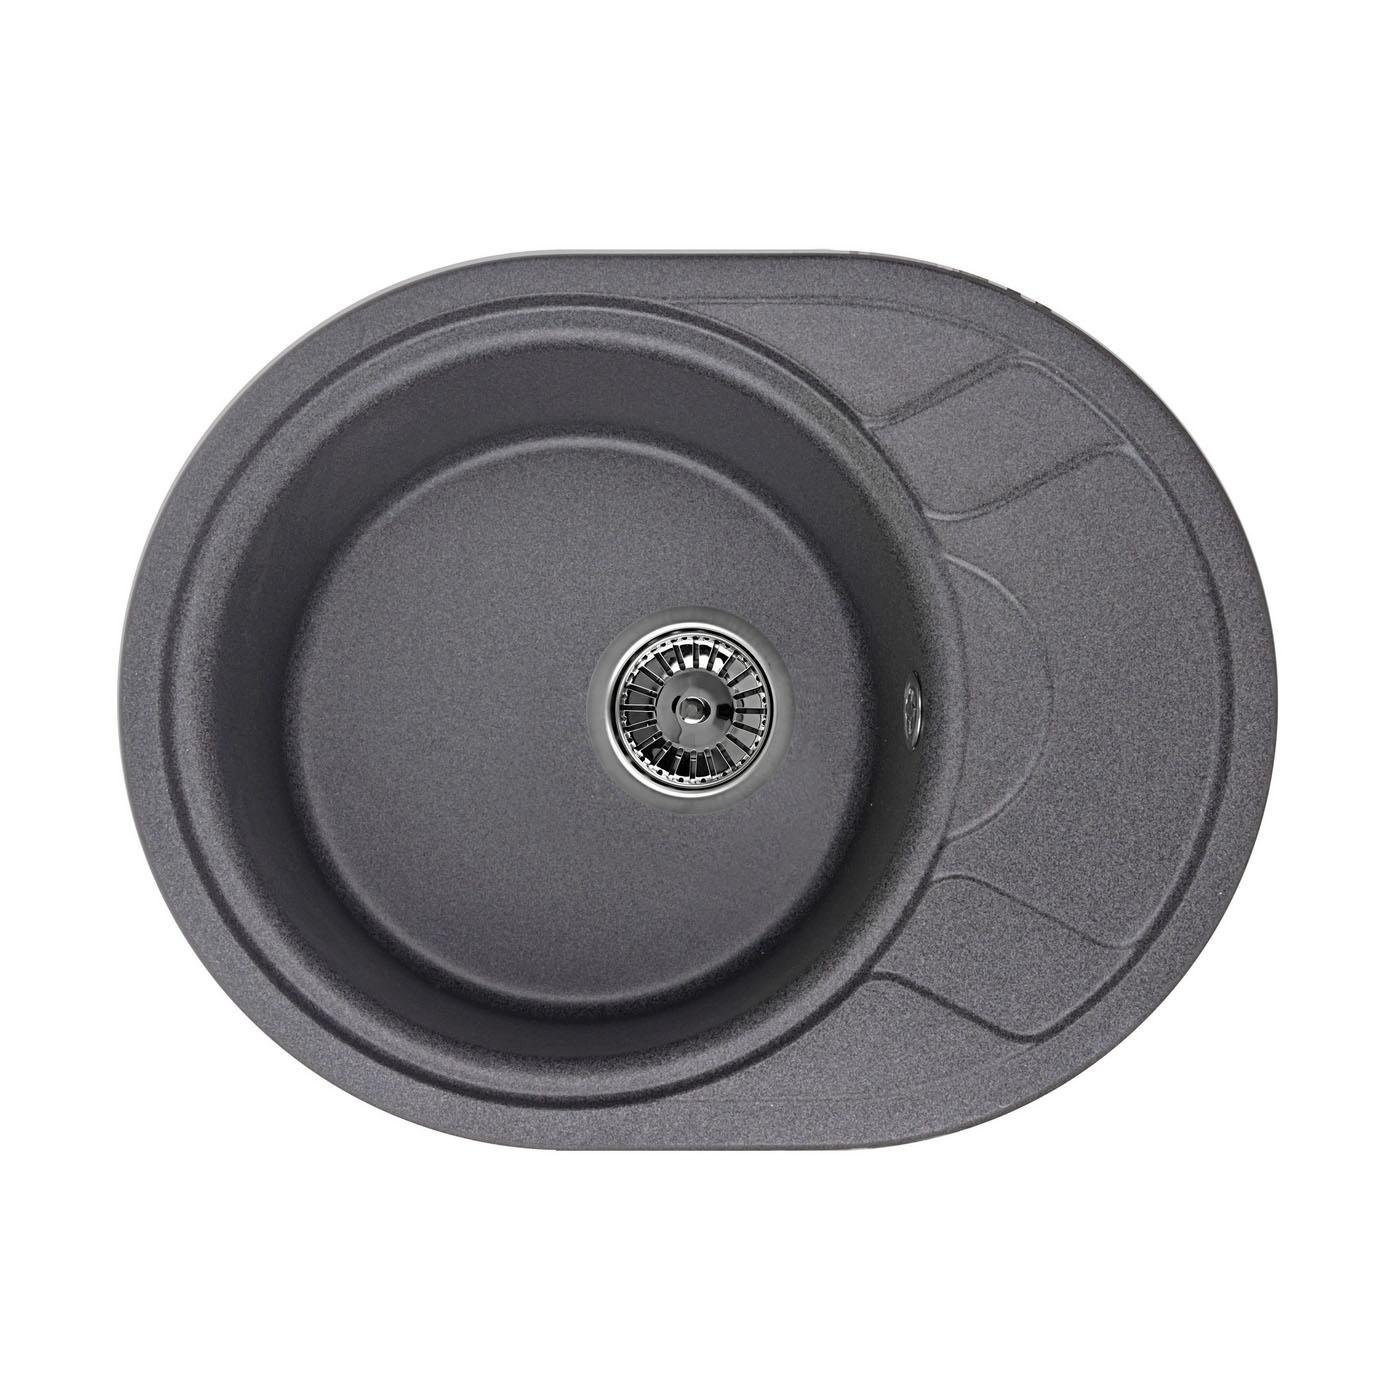 Кухонная мойка Granula GR-5802 575х445 графит мойка кухонная granula 50 5х51 см графит gr 5102 графит